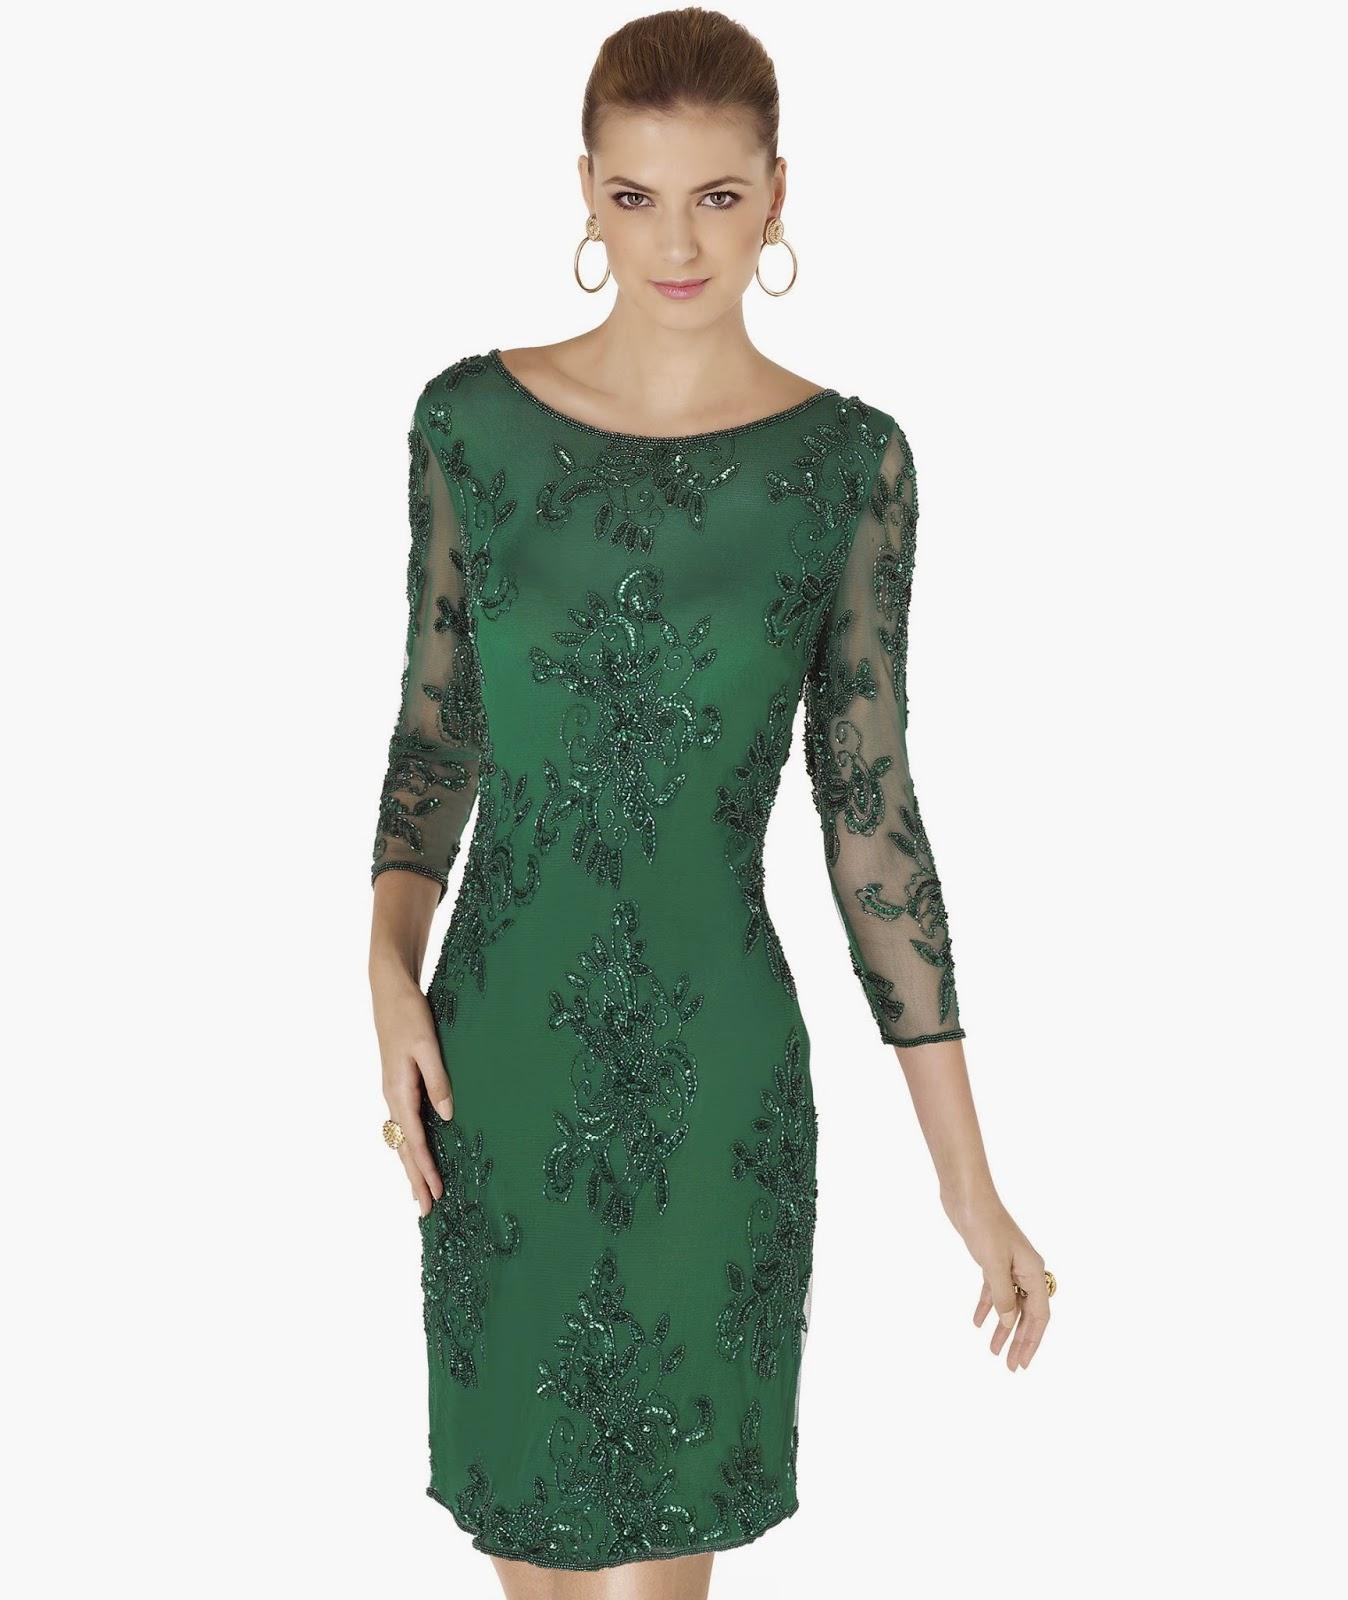 79fdca77af2d8 V yakalı mini abiye elbisenin üstünde siyah, parlak minik boncuklar  var.Açık yuvarlak yakalı olan da çok güzel, bunun üstüne de parlak  boncuklarla işleme ...